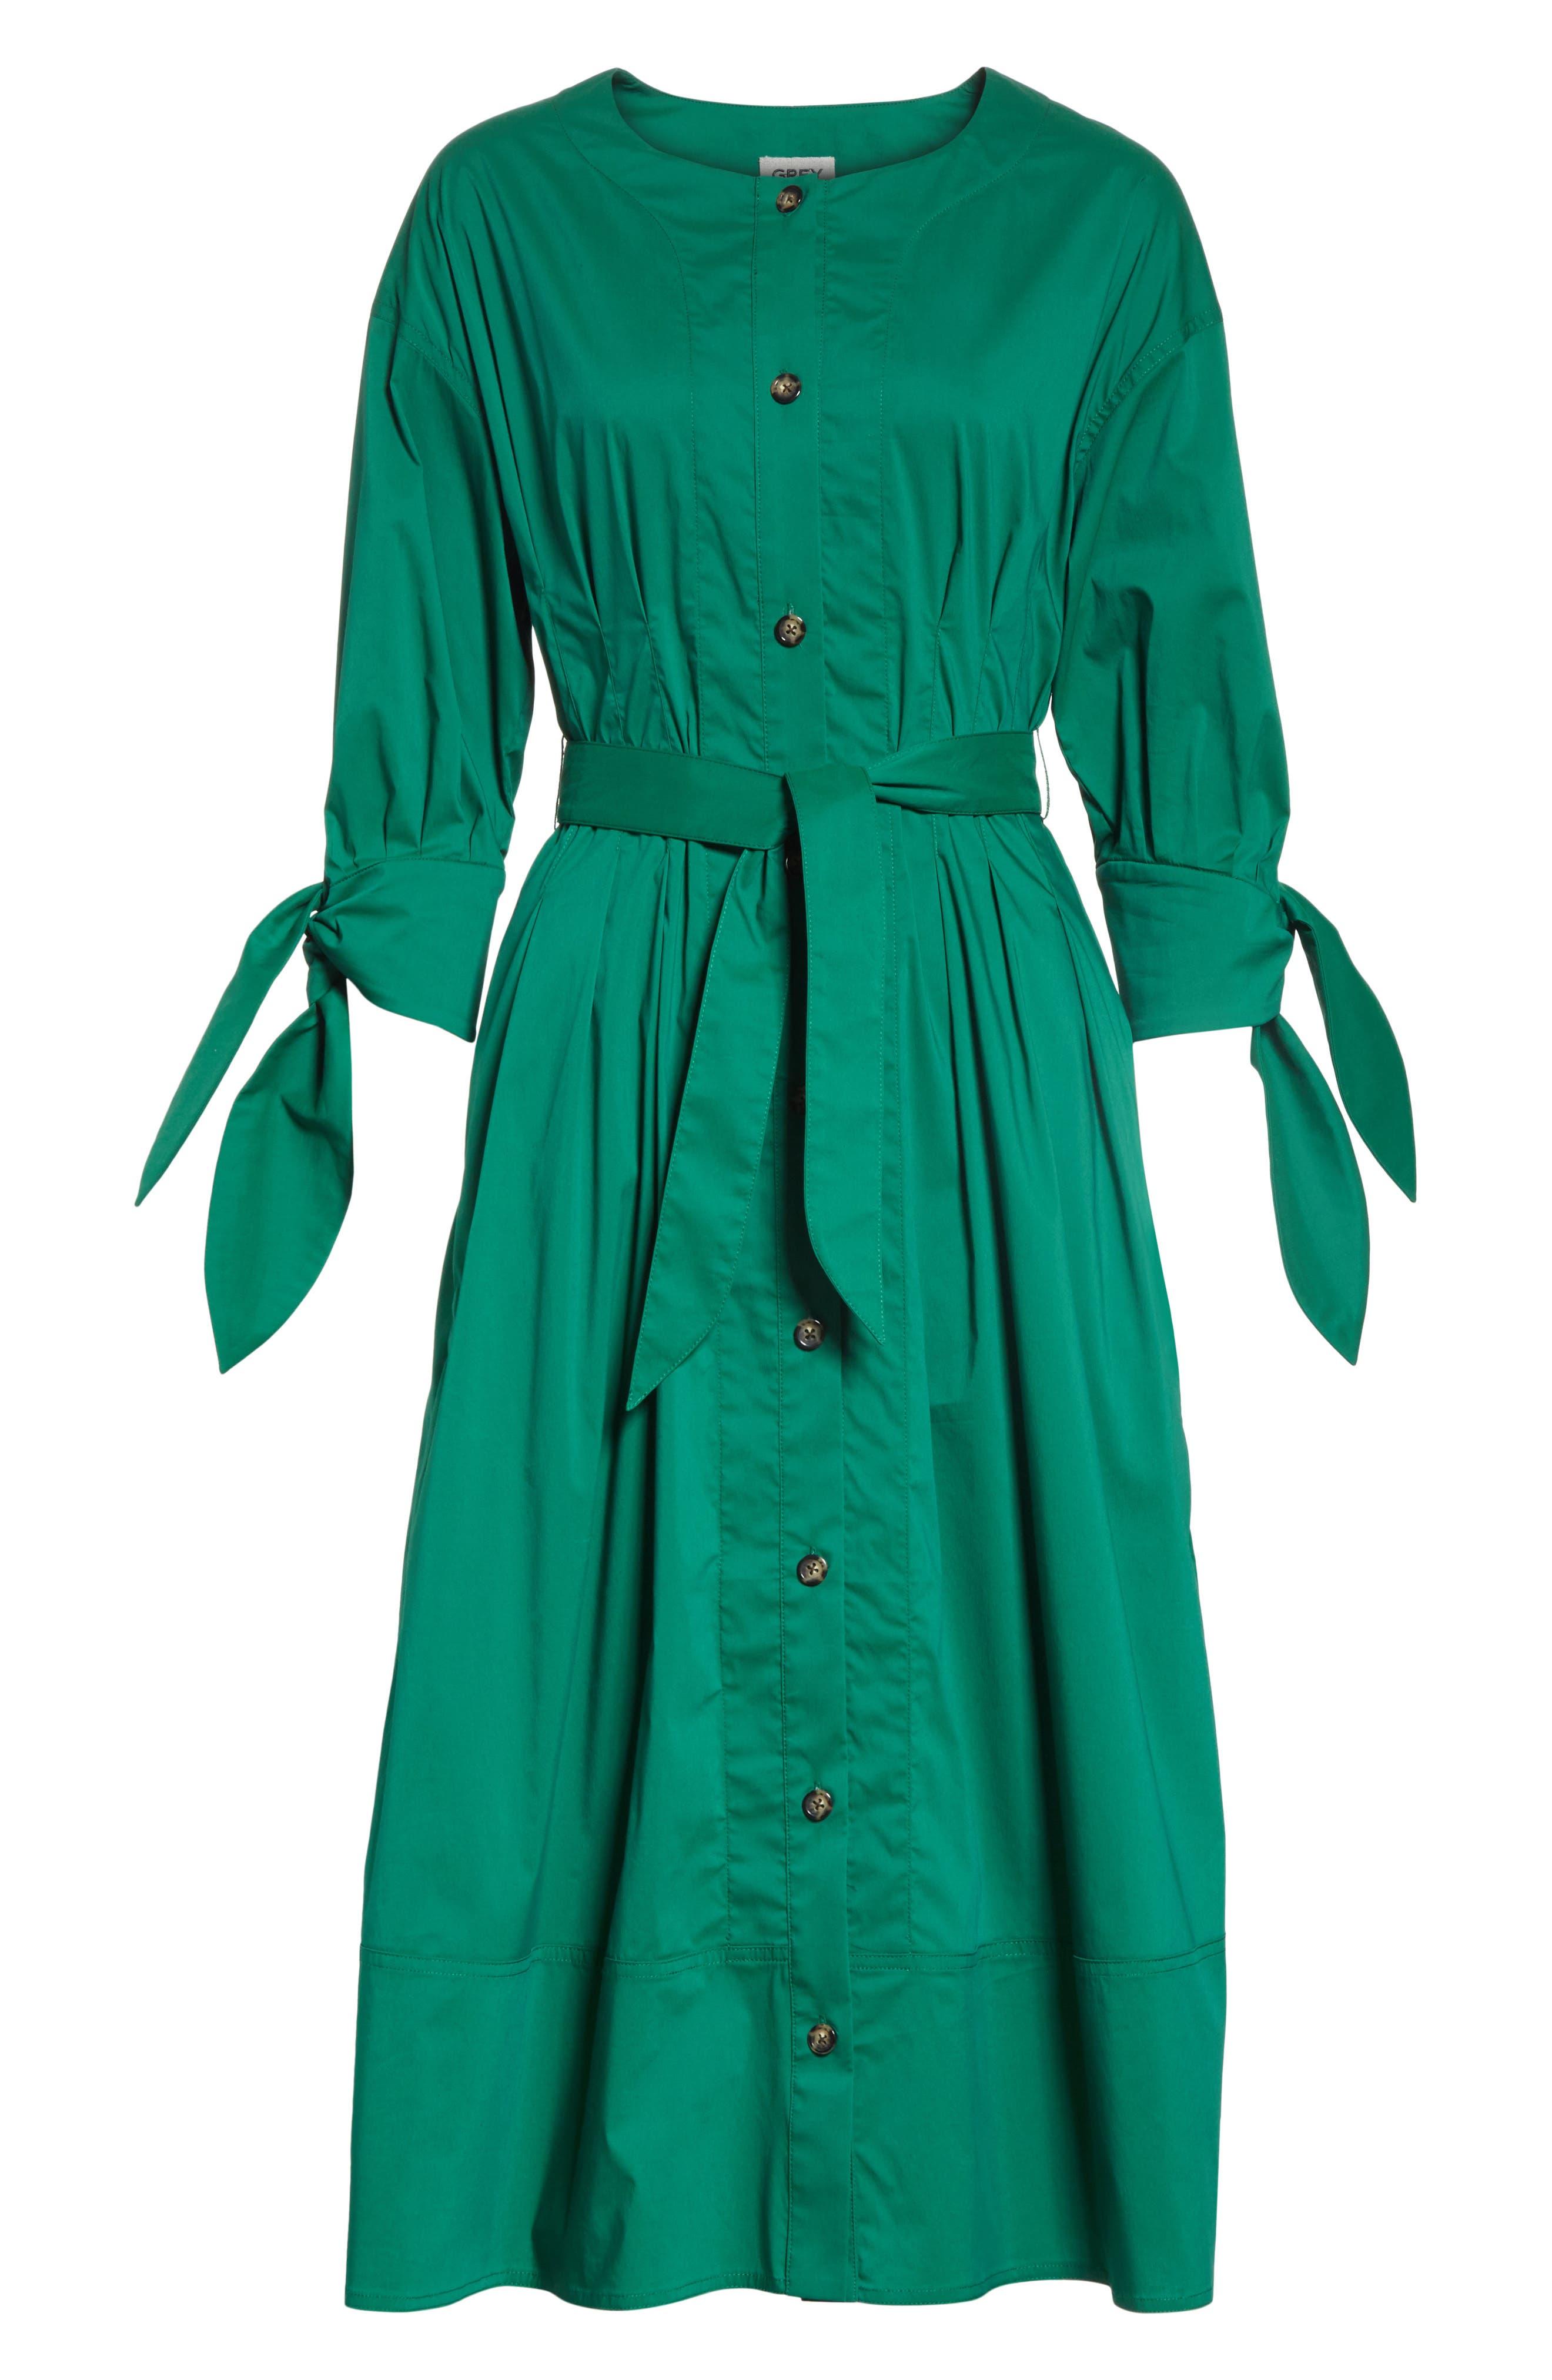 Cotton Blend Tie Dress,                             Alternate thumbnail 7, color,                             Emerald